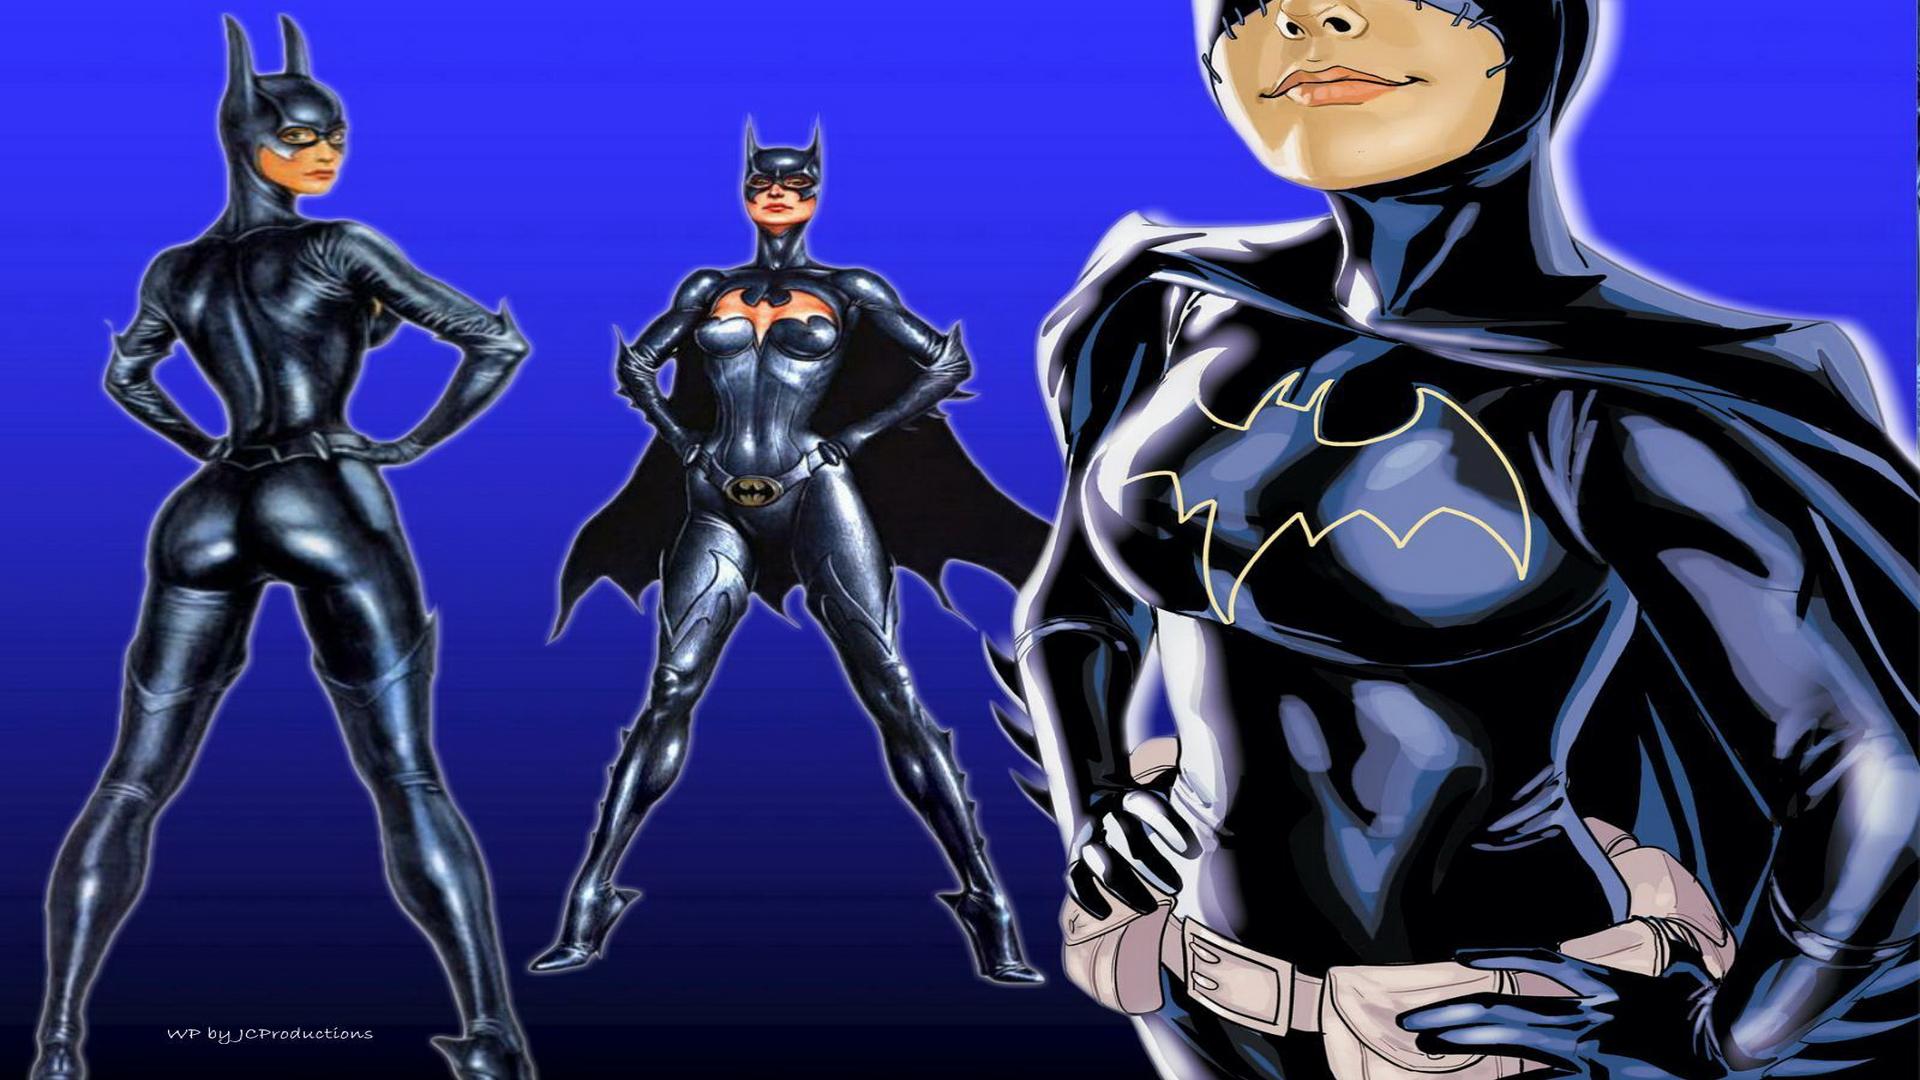 DC Comics Wallpapers Batgirl dc comics 16138483 1600 1200 Pictures 1920x1080